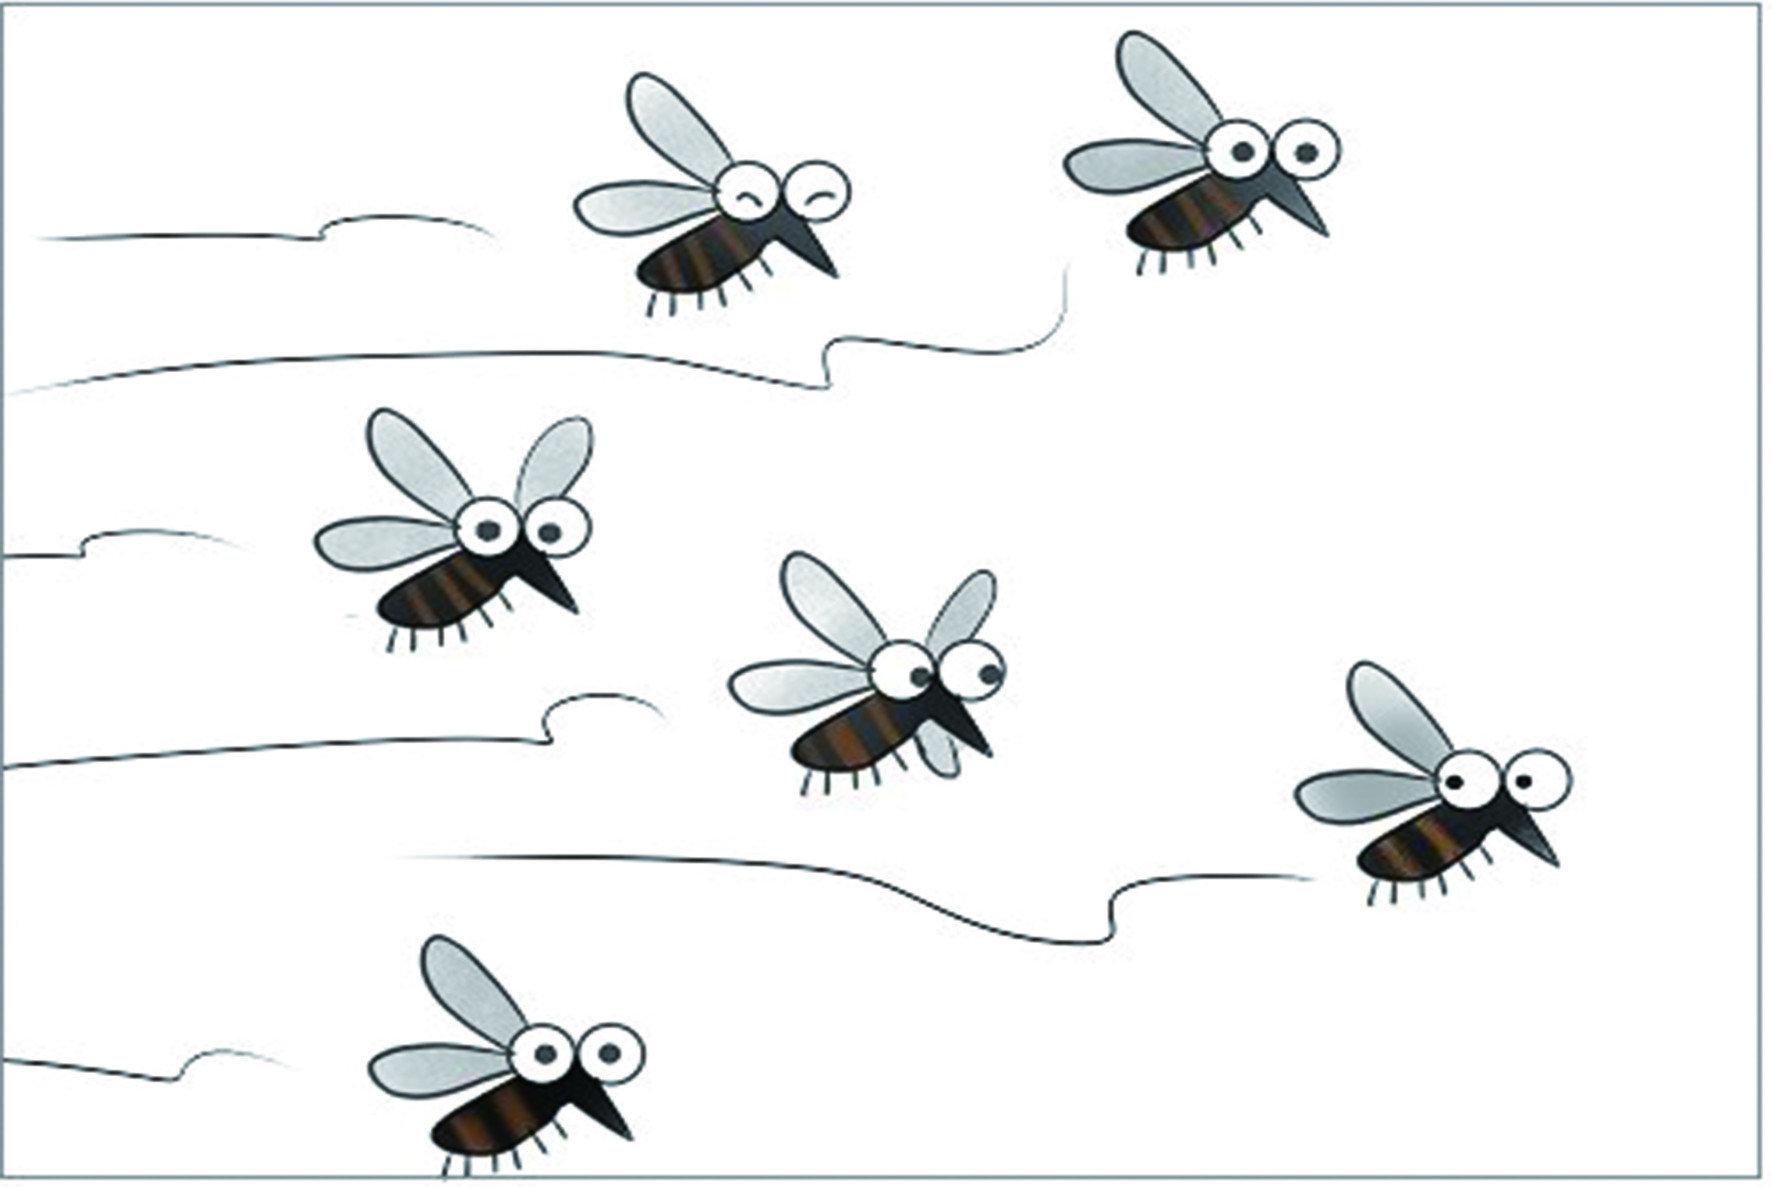 蚊蟲並不是胡亂地尋找目標,牠們會根據人所呼出的「二氧化碳」、「氣味」和「體溫」選擇攻擊目標。一般而言,「體溫較高」與「有味道的人」較容易成為蚊蟲的攻擊對象。